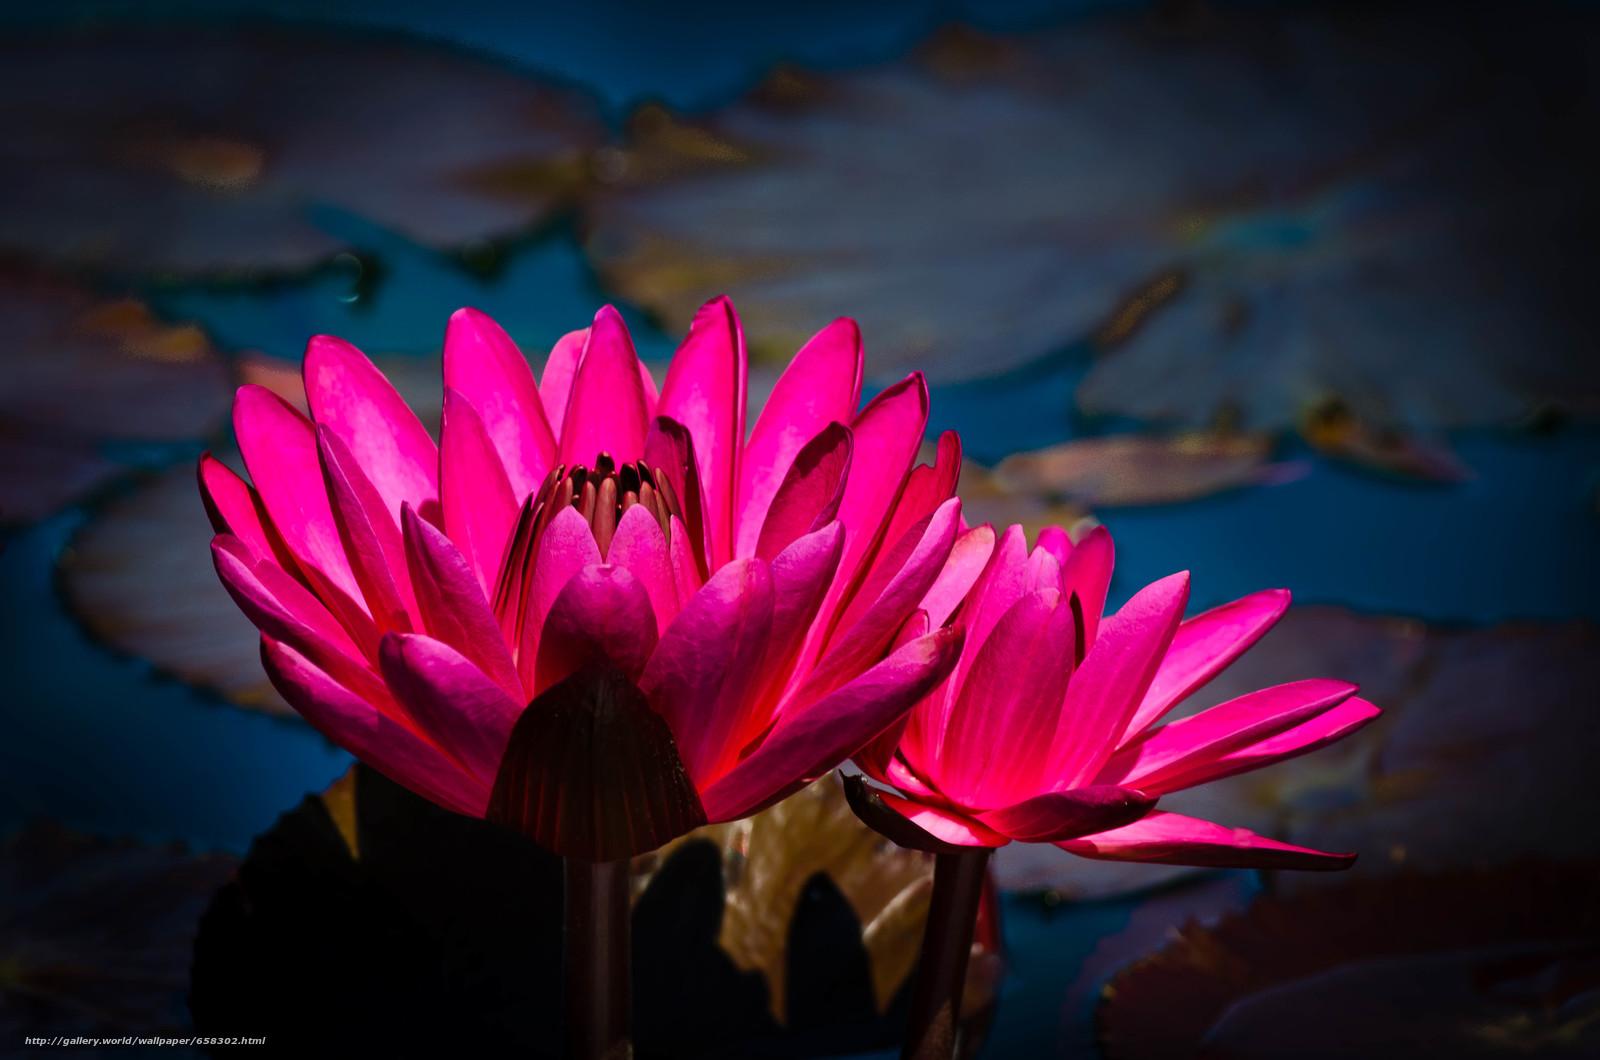 Скачать обои водяная лилия,  водяные лилии,  цветы,  флора бесплатно для рабочего стола в разрешении 4928x3264 — картинка №658302